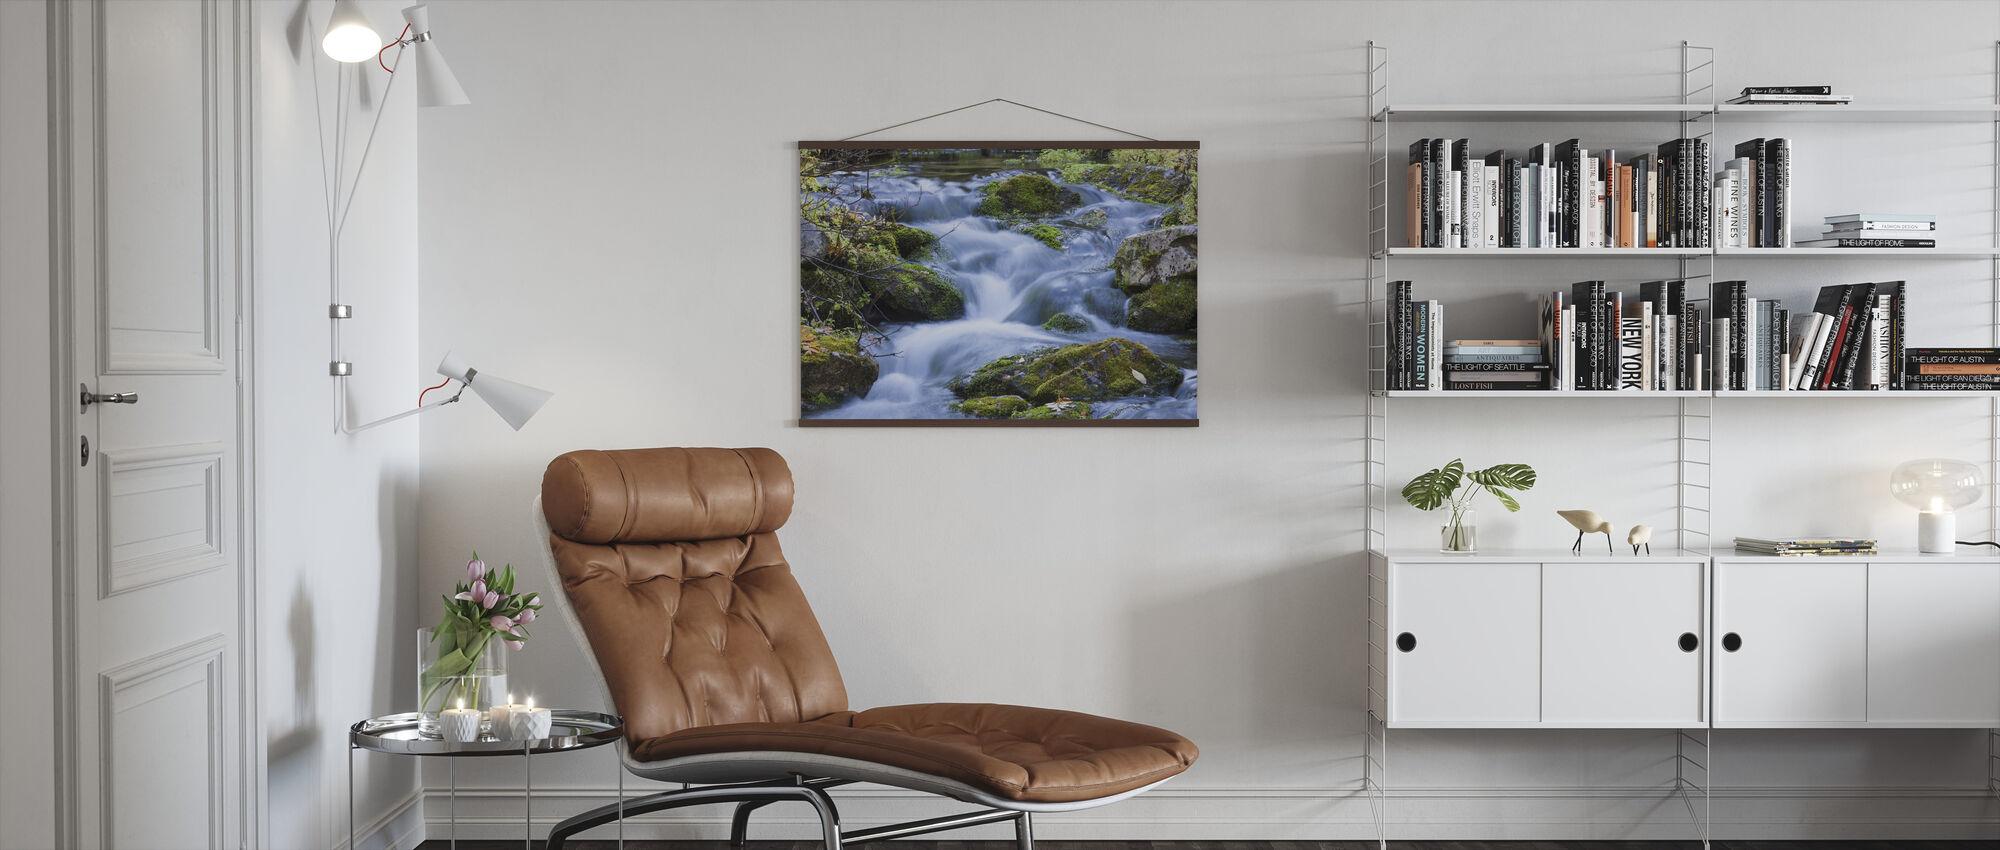 Little Stream - Poster - Living Room